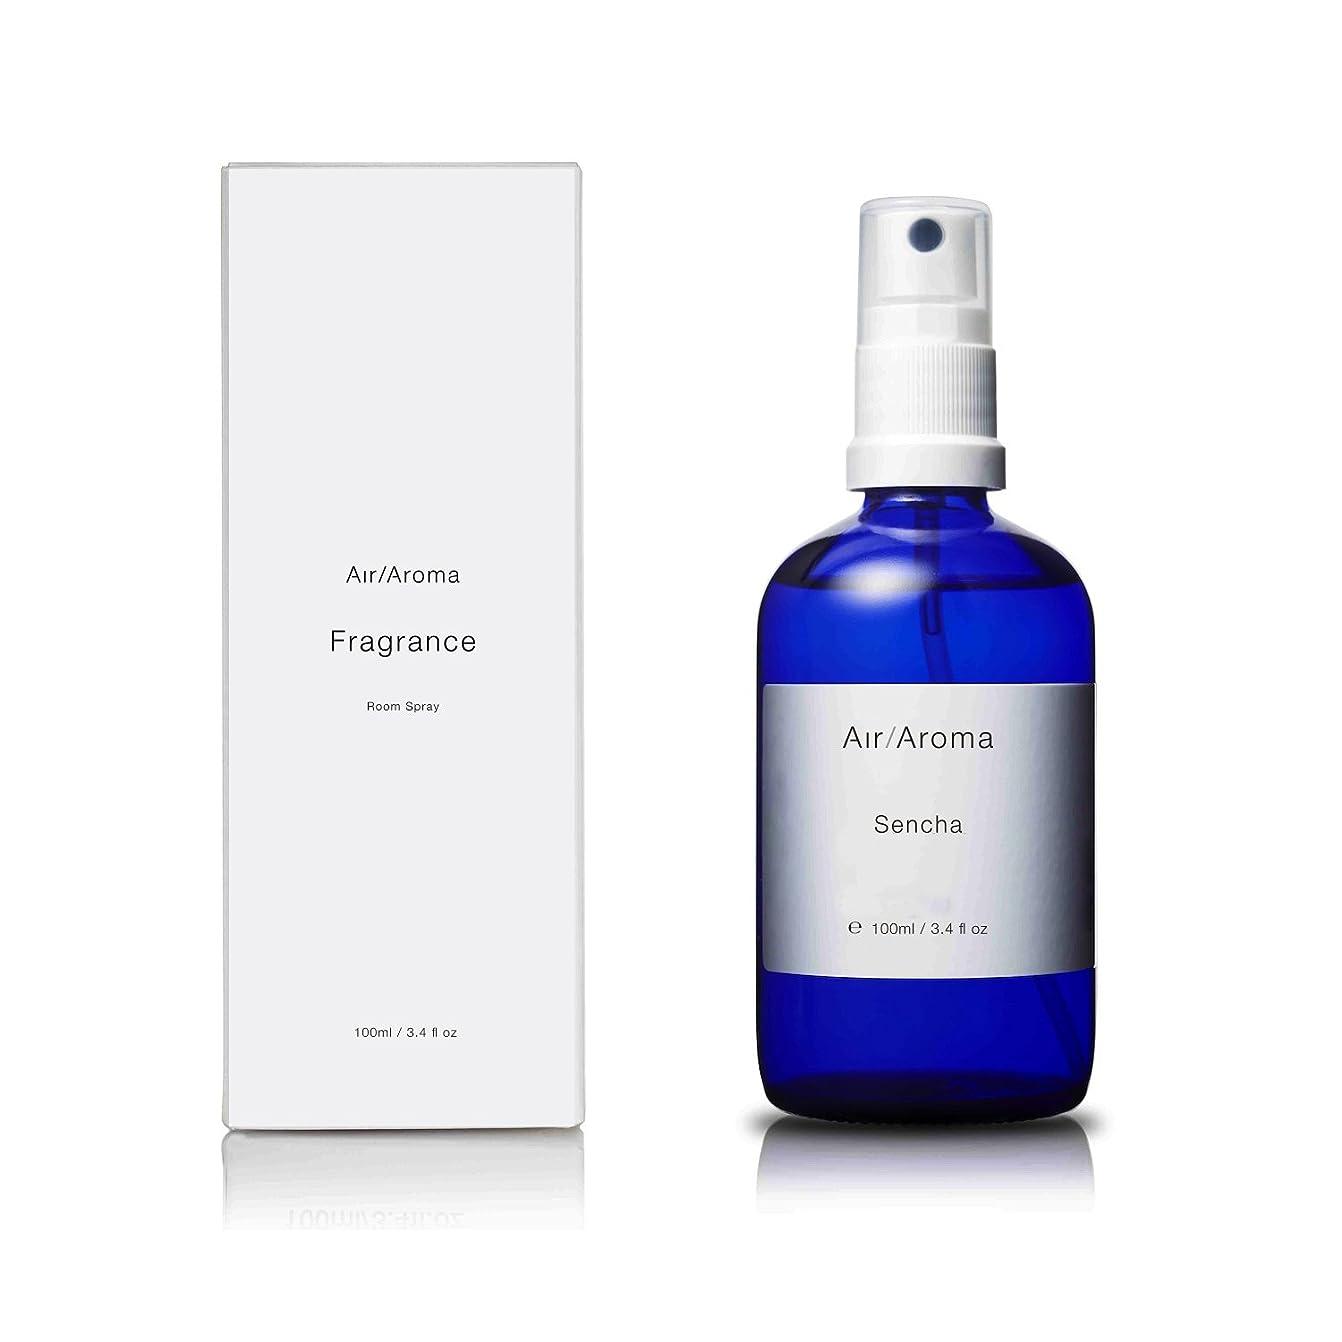 航海剪断脳エアアロマ sencha room fragrance(センチャ ルームフレグランス)100ml